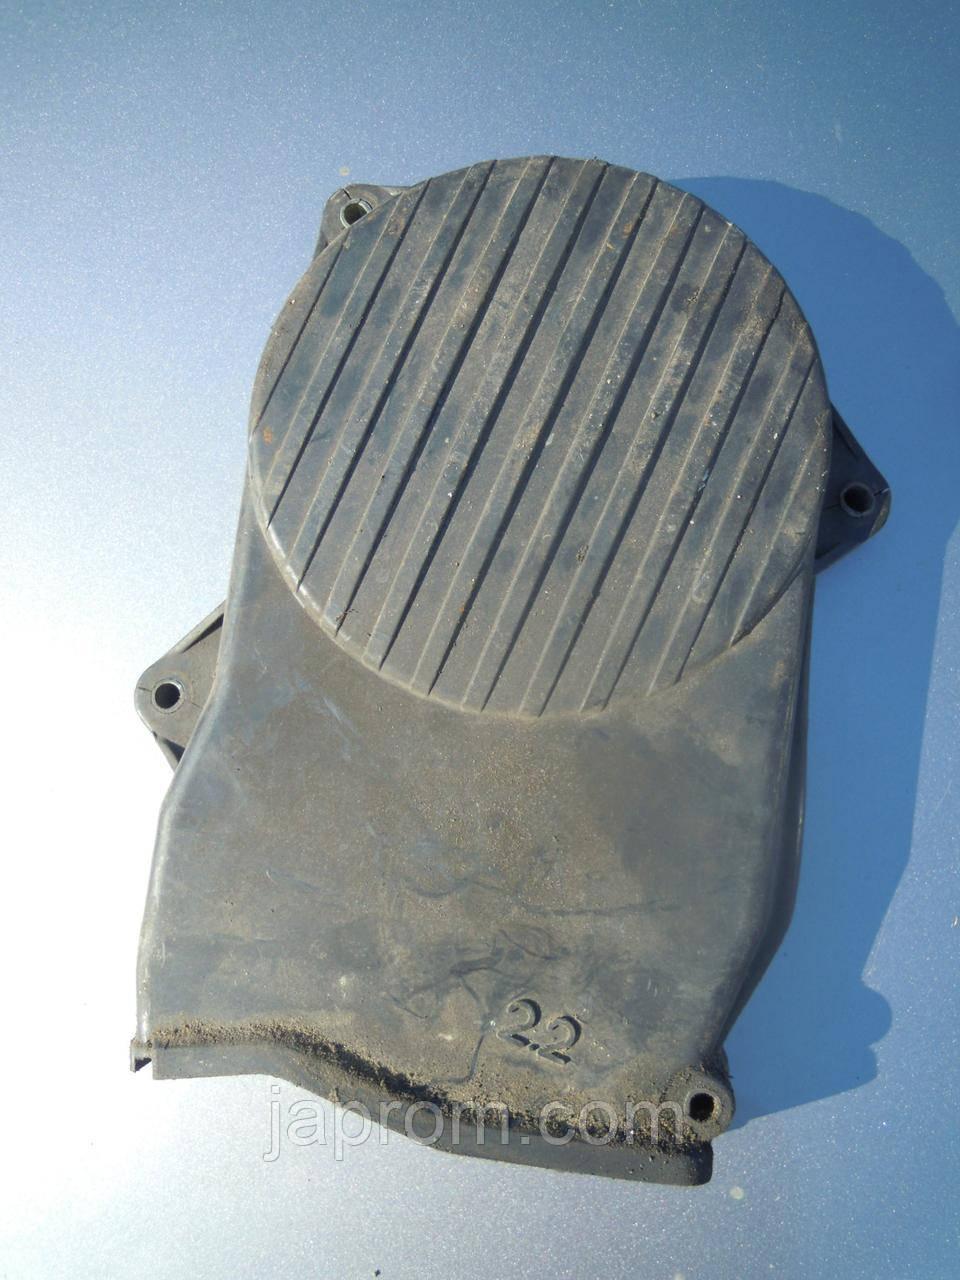 Защита ремня ГРМ Mazda 626 GD 1987-1991г.в. 2.2 бензин F2